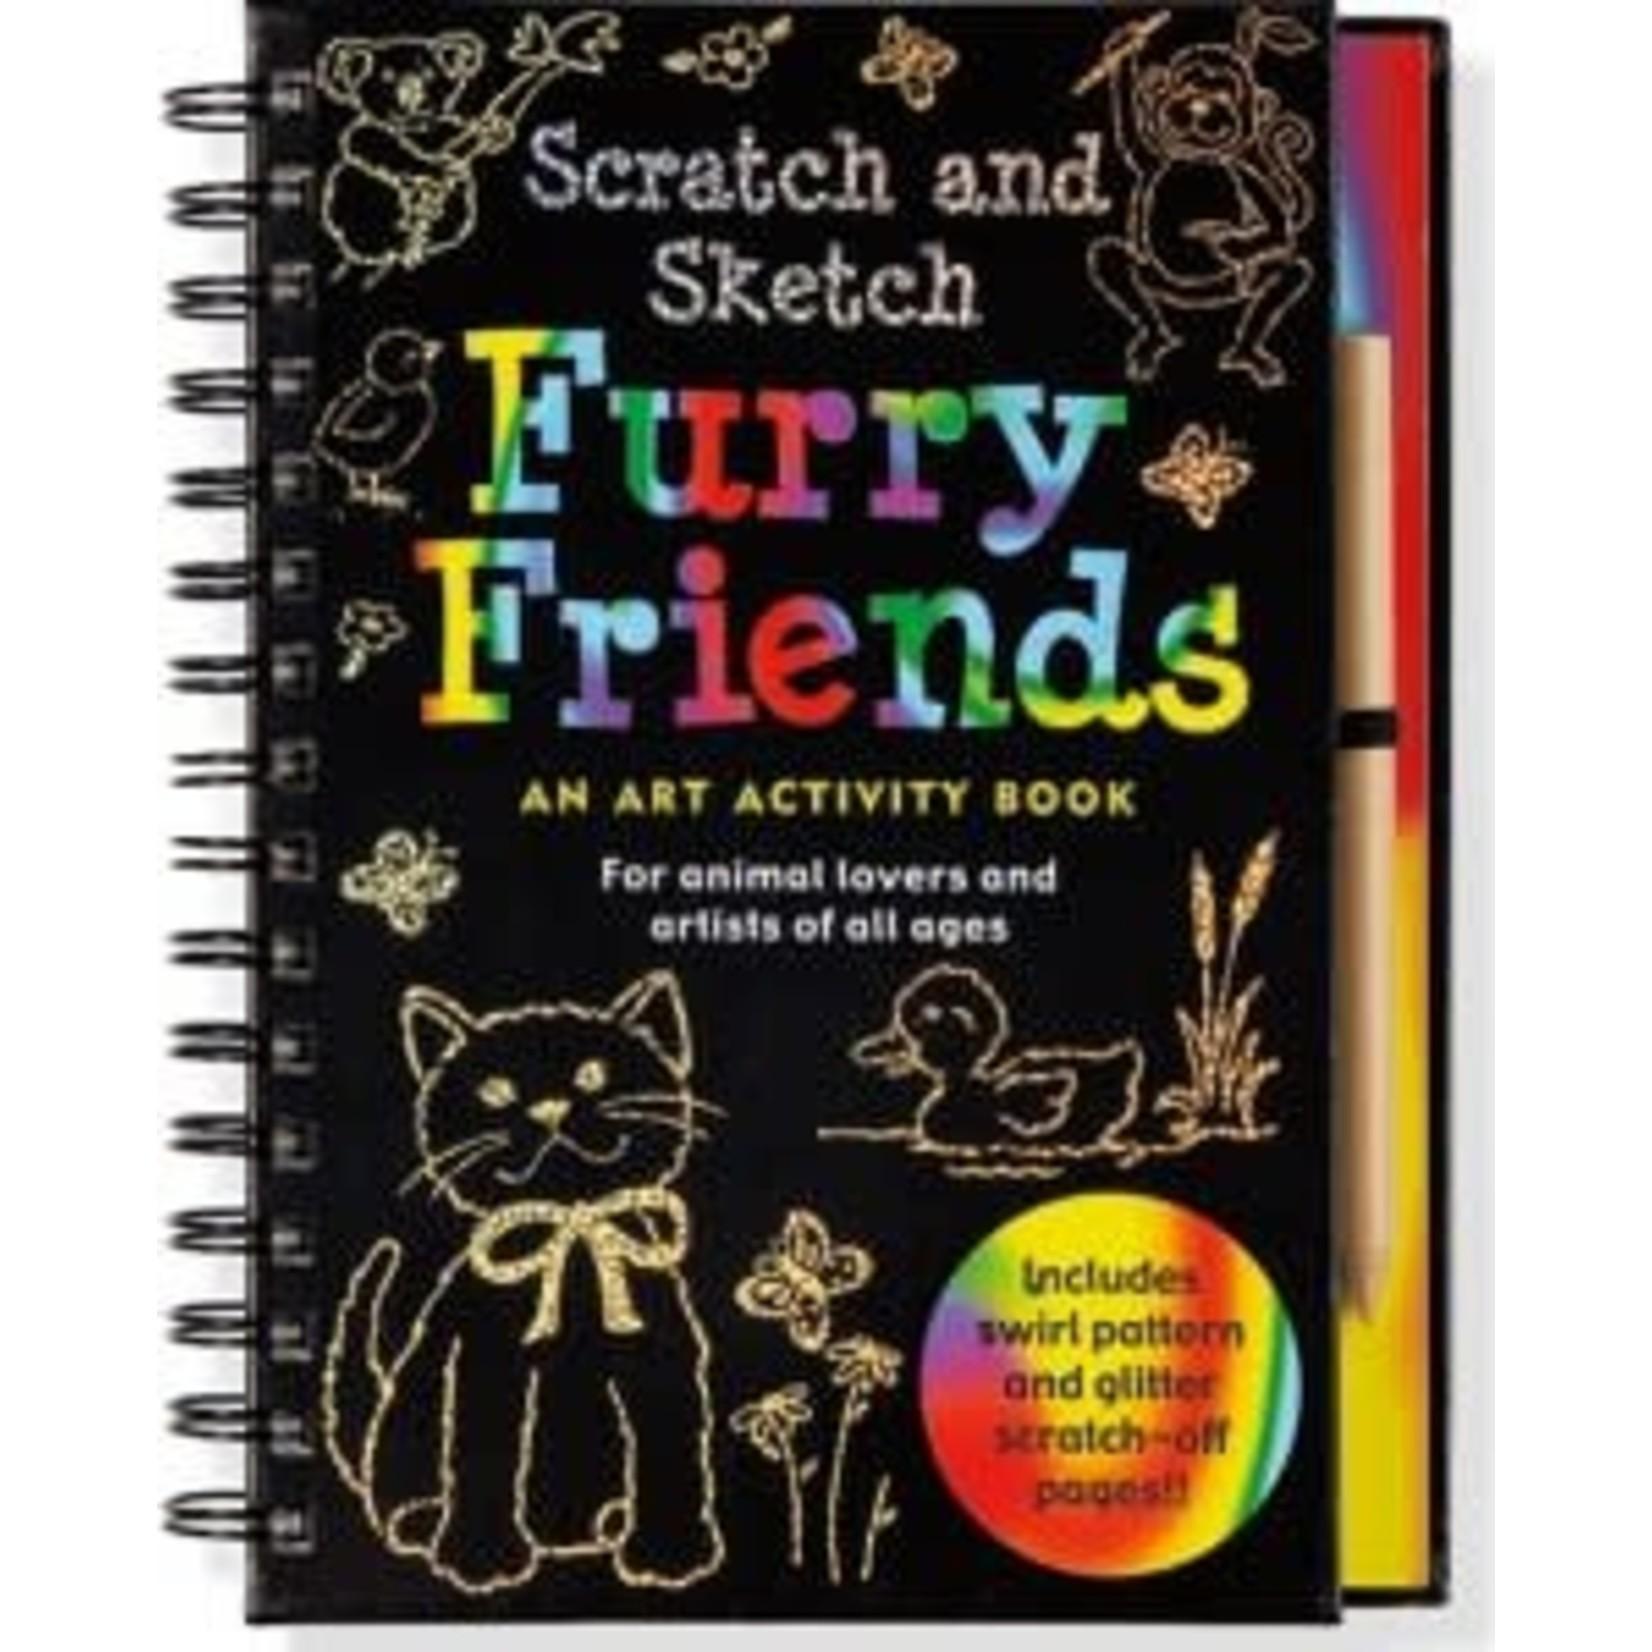 SCRATCH & SKETCH FURRY FRIENDS